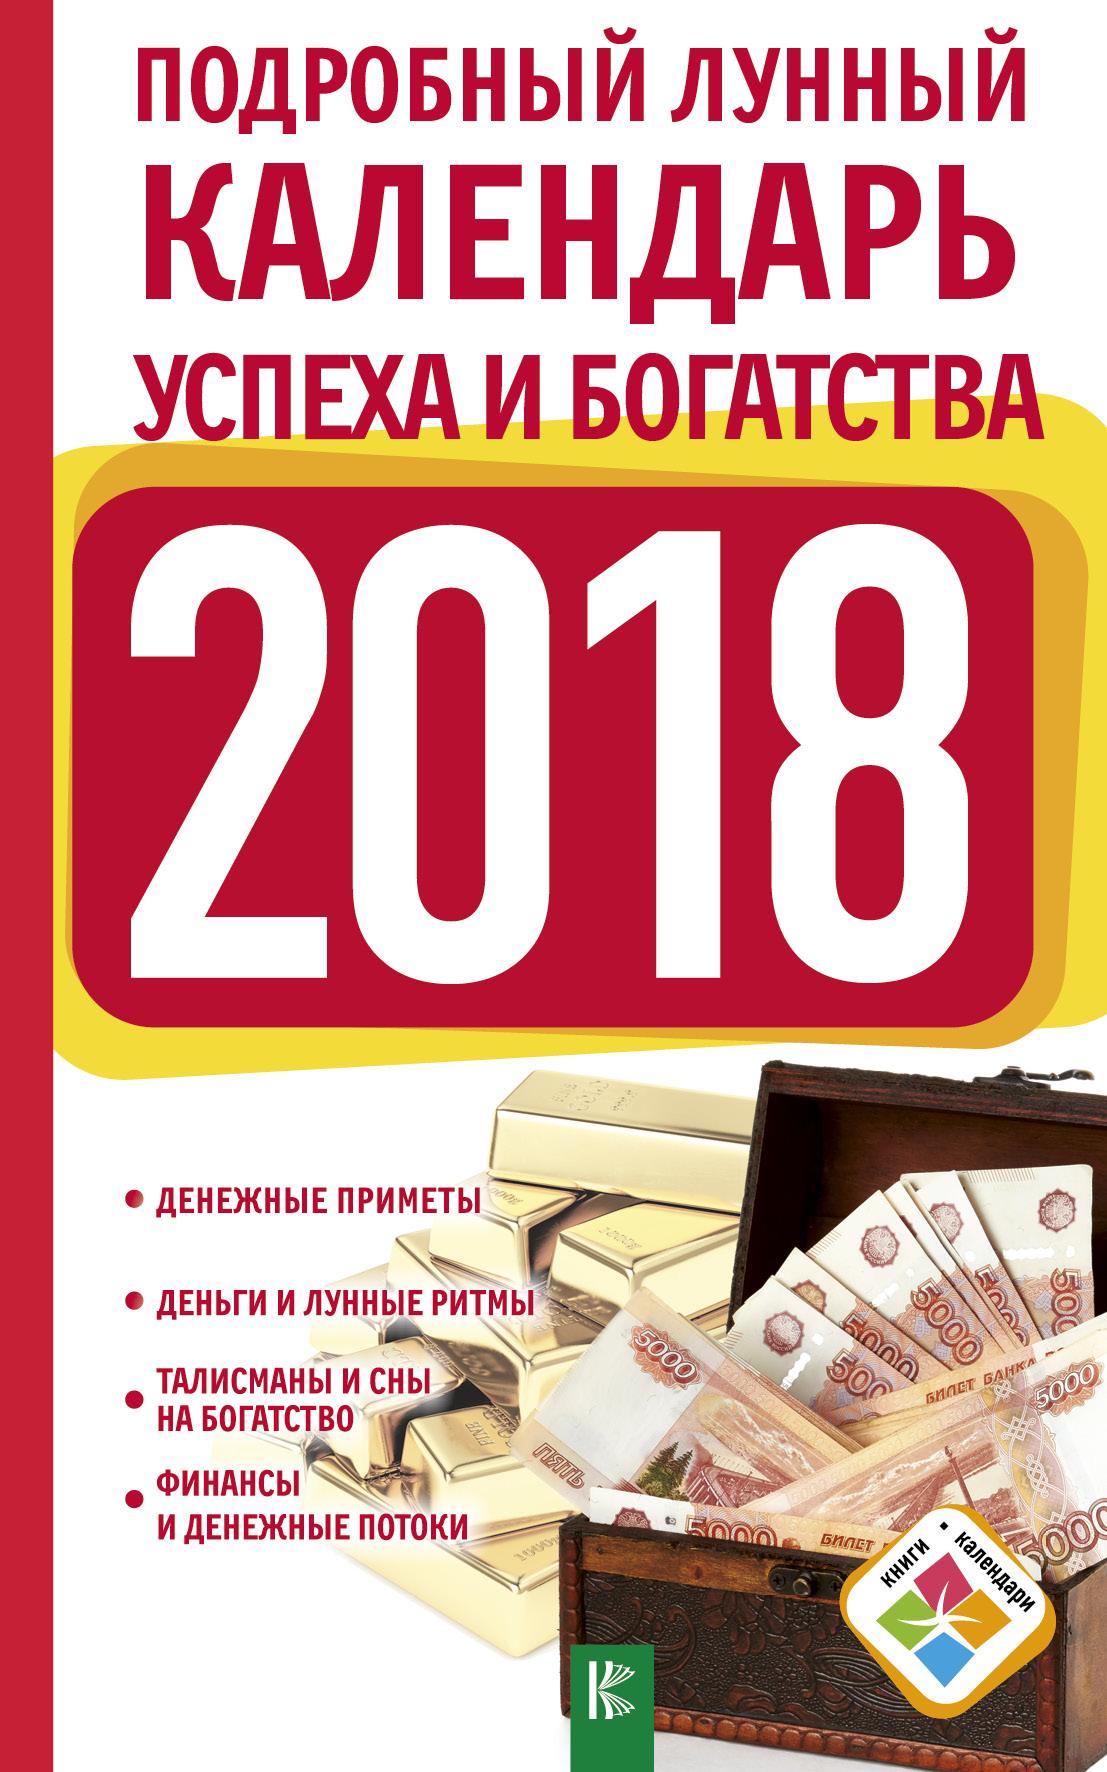 Виноградова Н. Подробный лунный календарь успеха и богатства на 2018 год